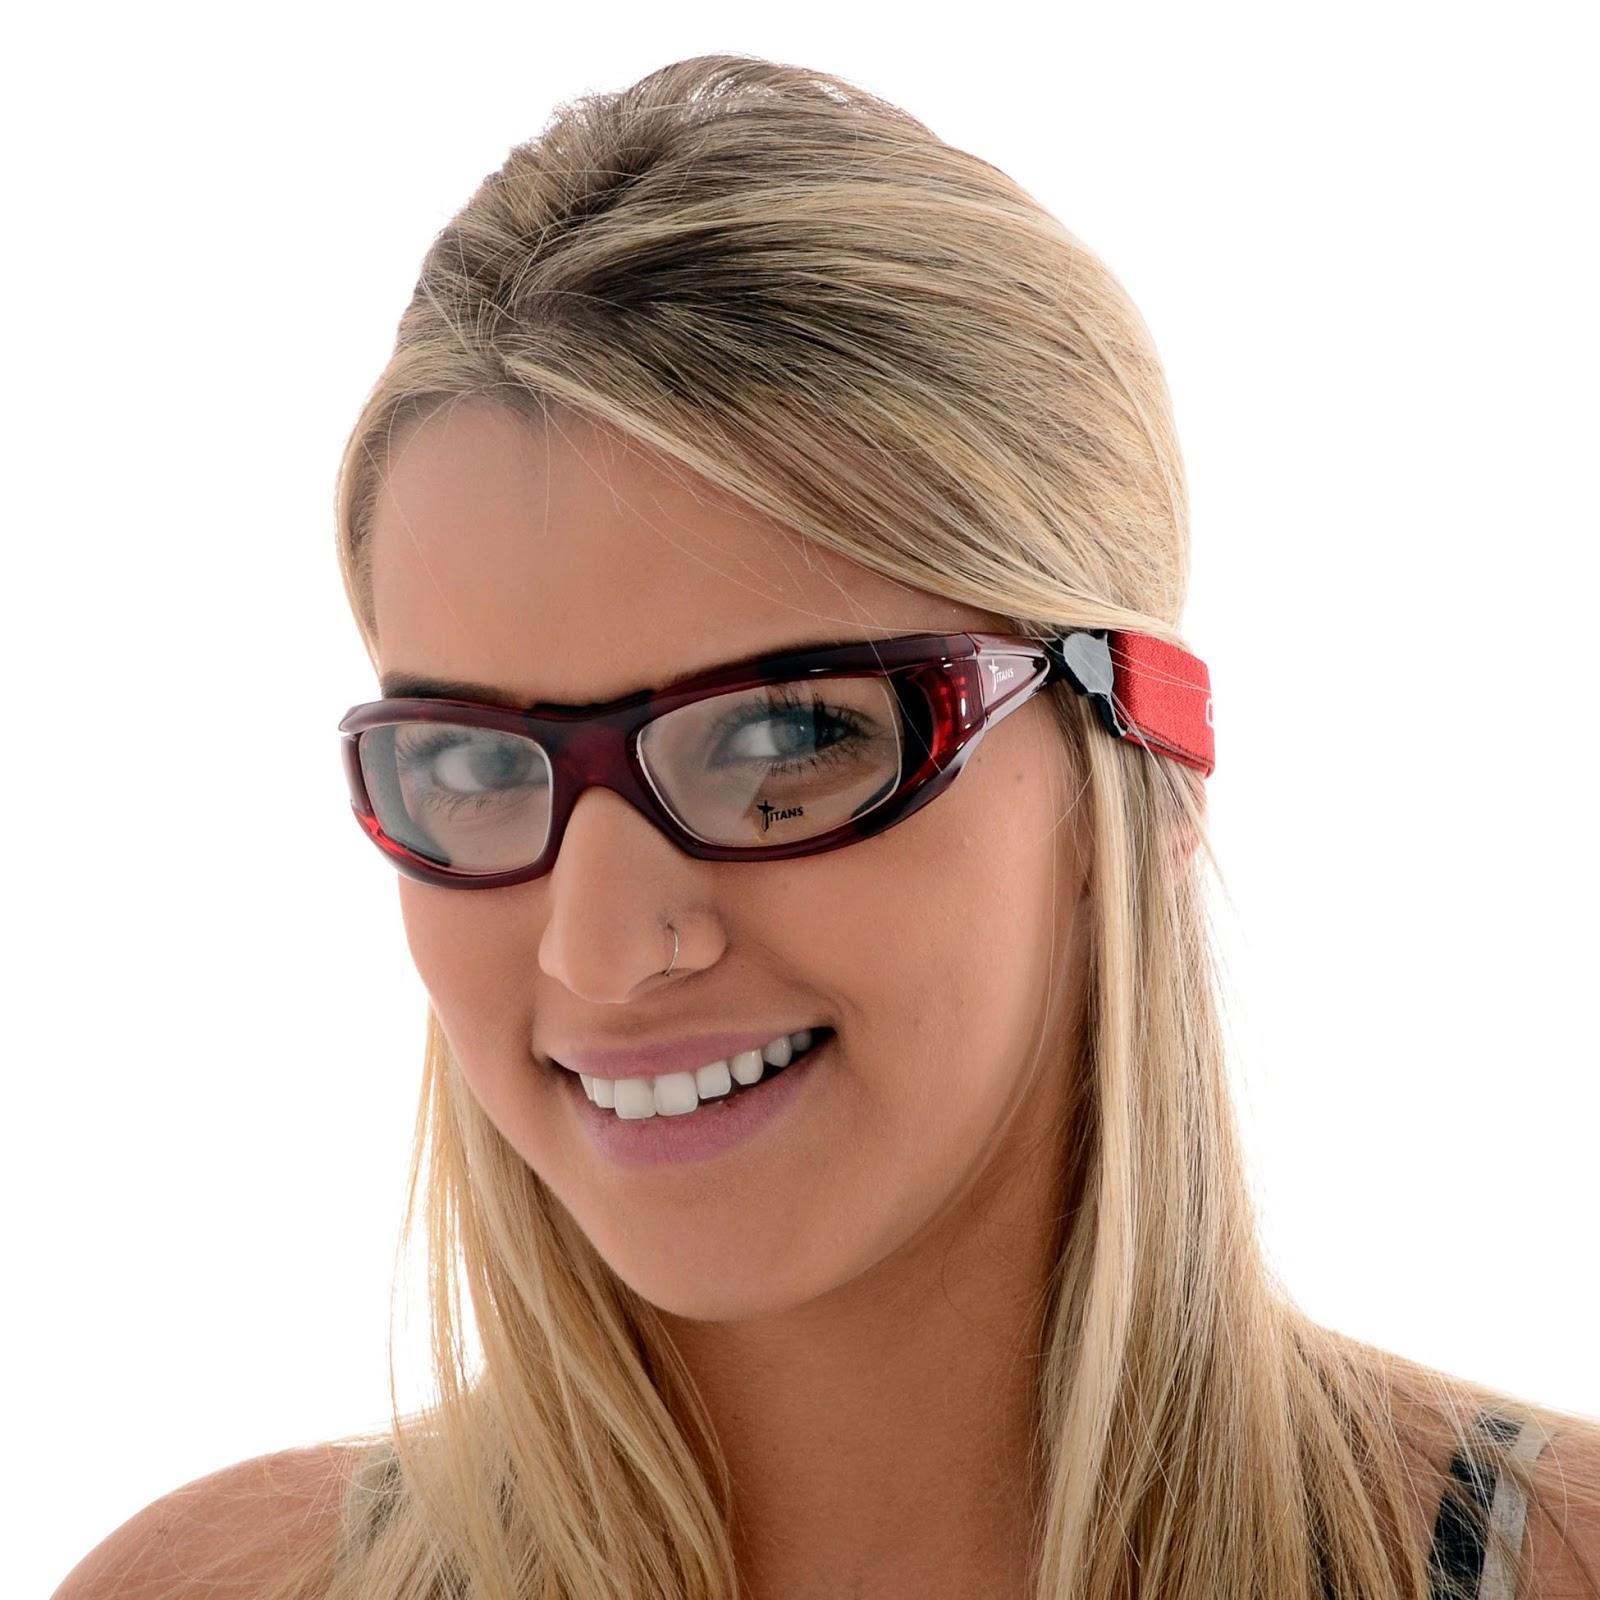 f0e3606ba Óculos para Esportes Titans Atlas, podendo ser usados tanto para prática de  esportes como para uso diário, pois possuem exclusivas tiras elásticas ...